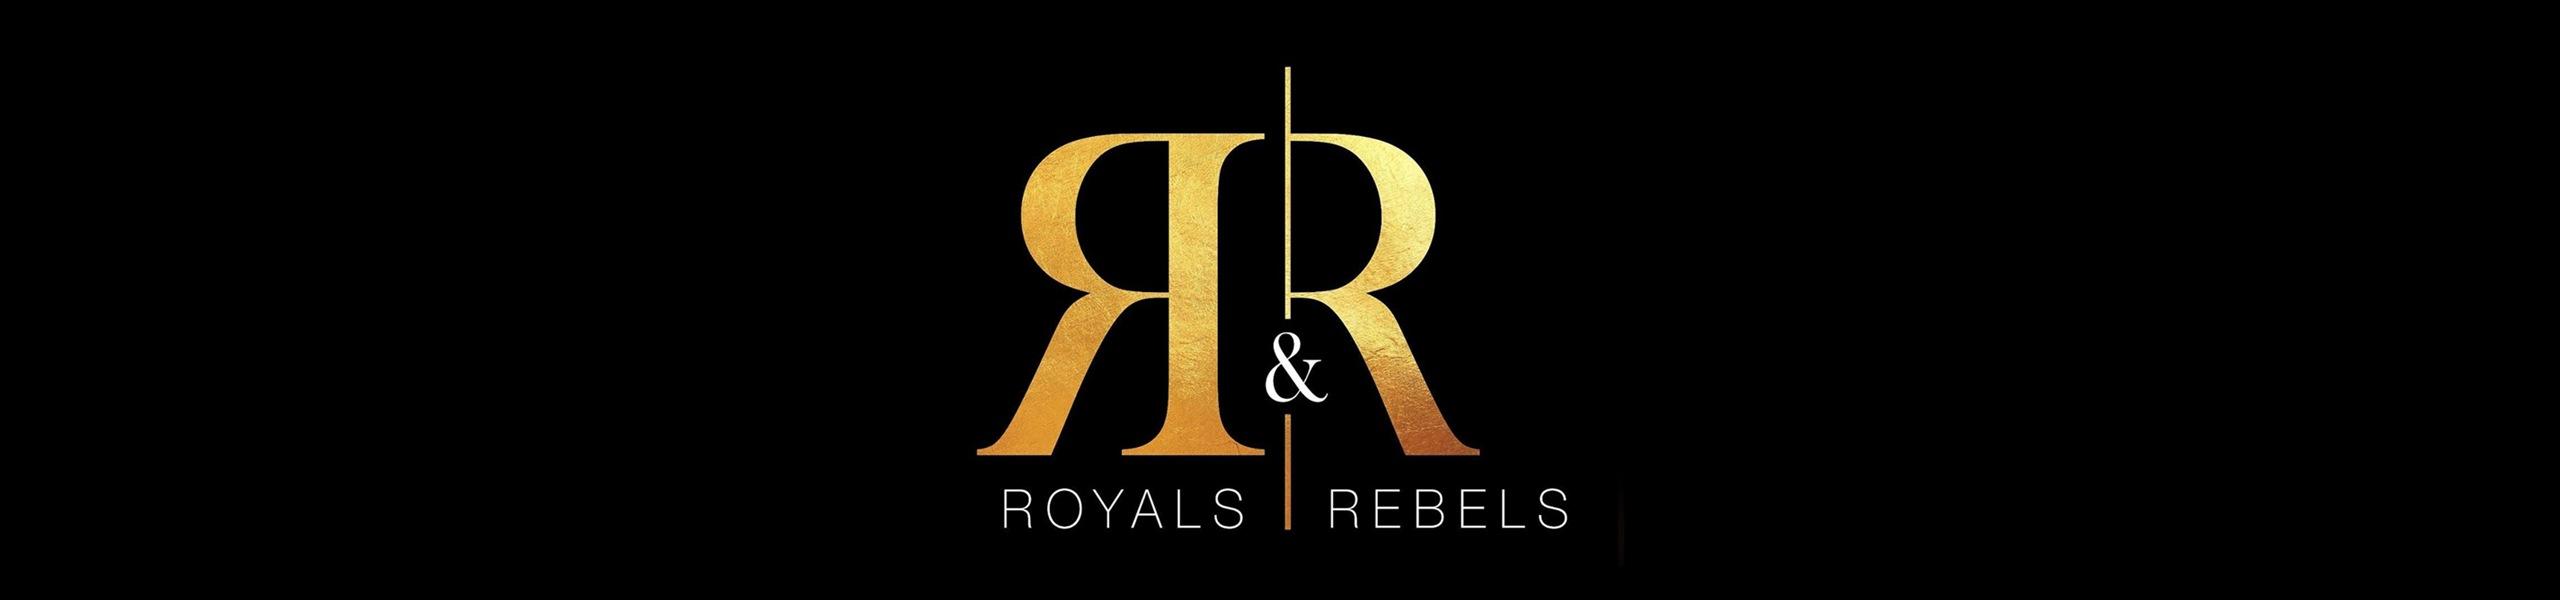 Royals&Rebels